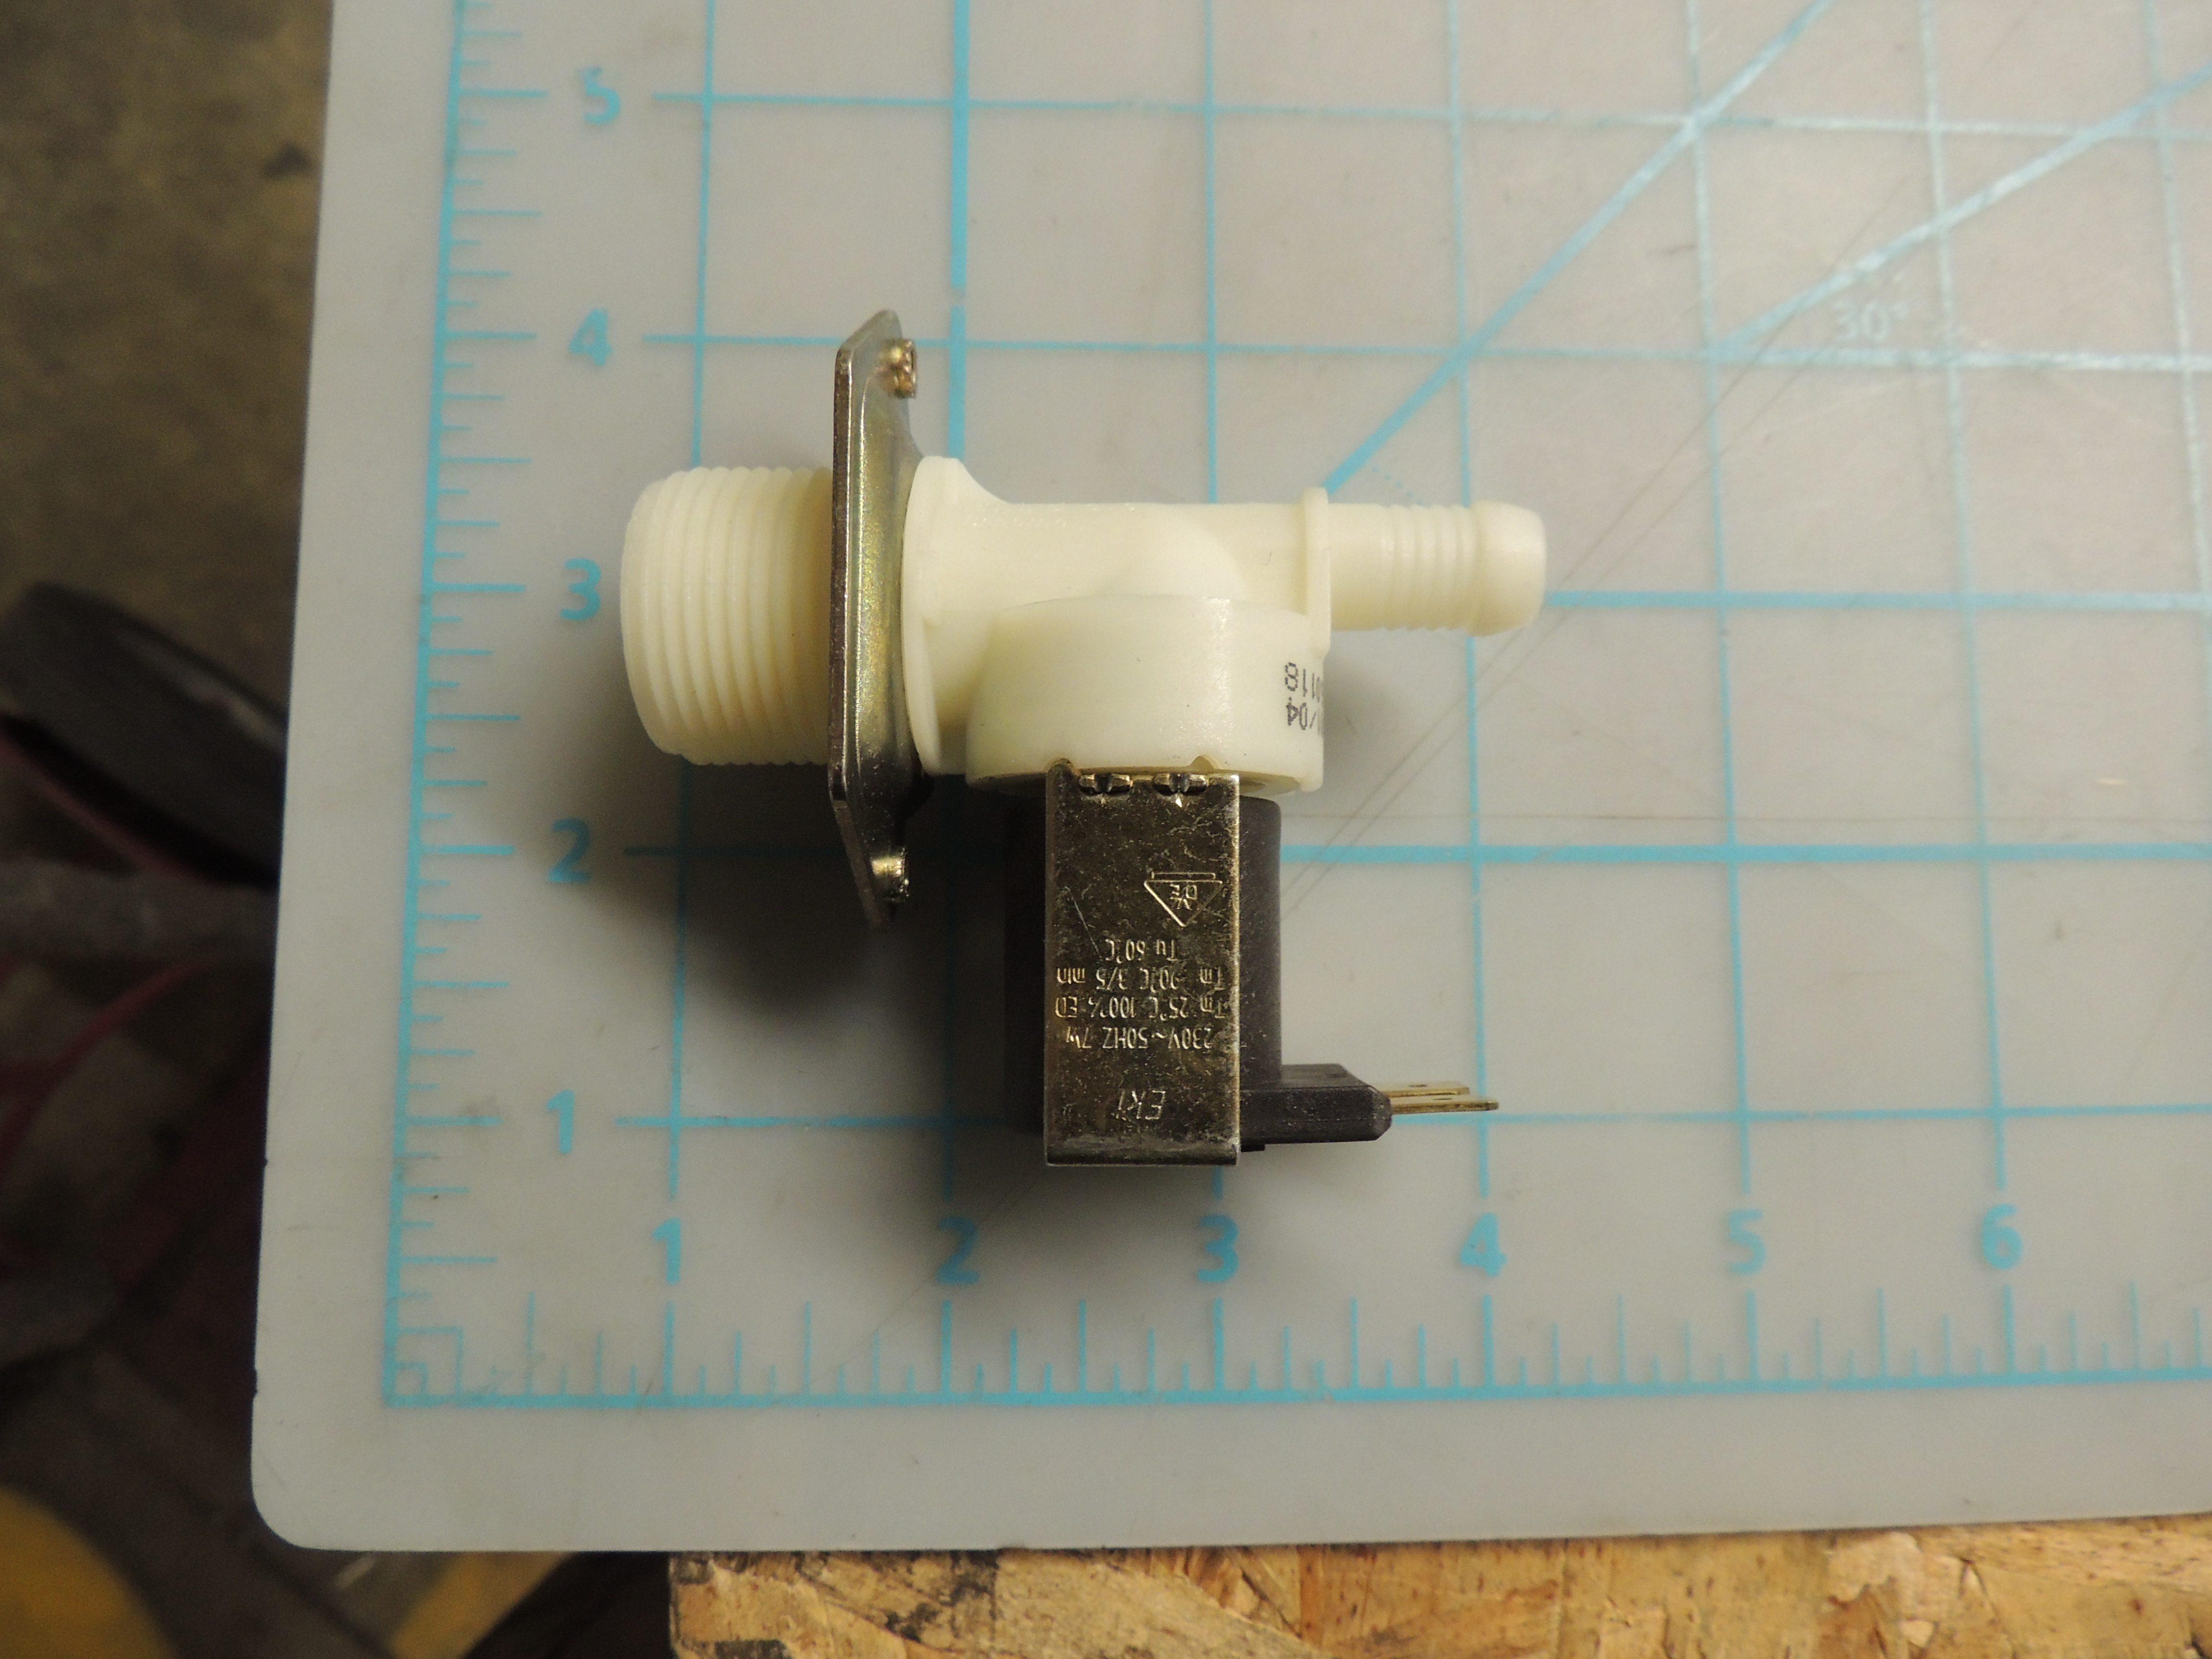 DWM5500W ELECTRO VALVE